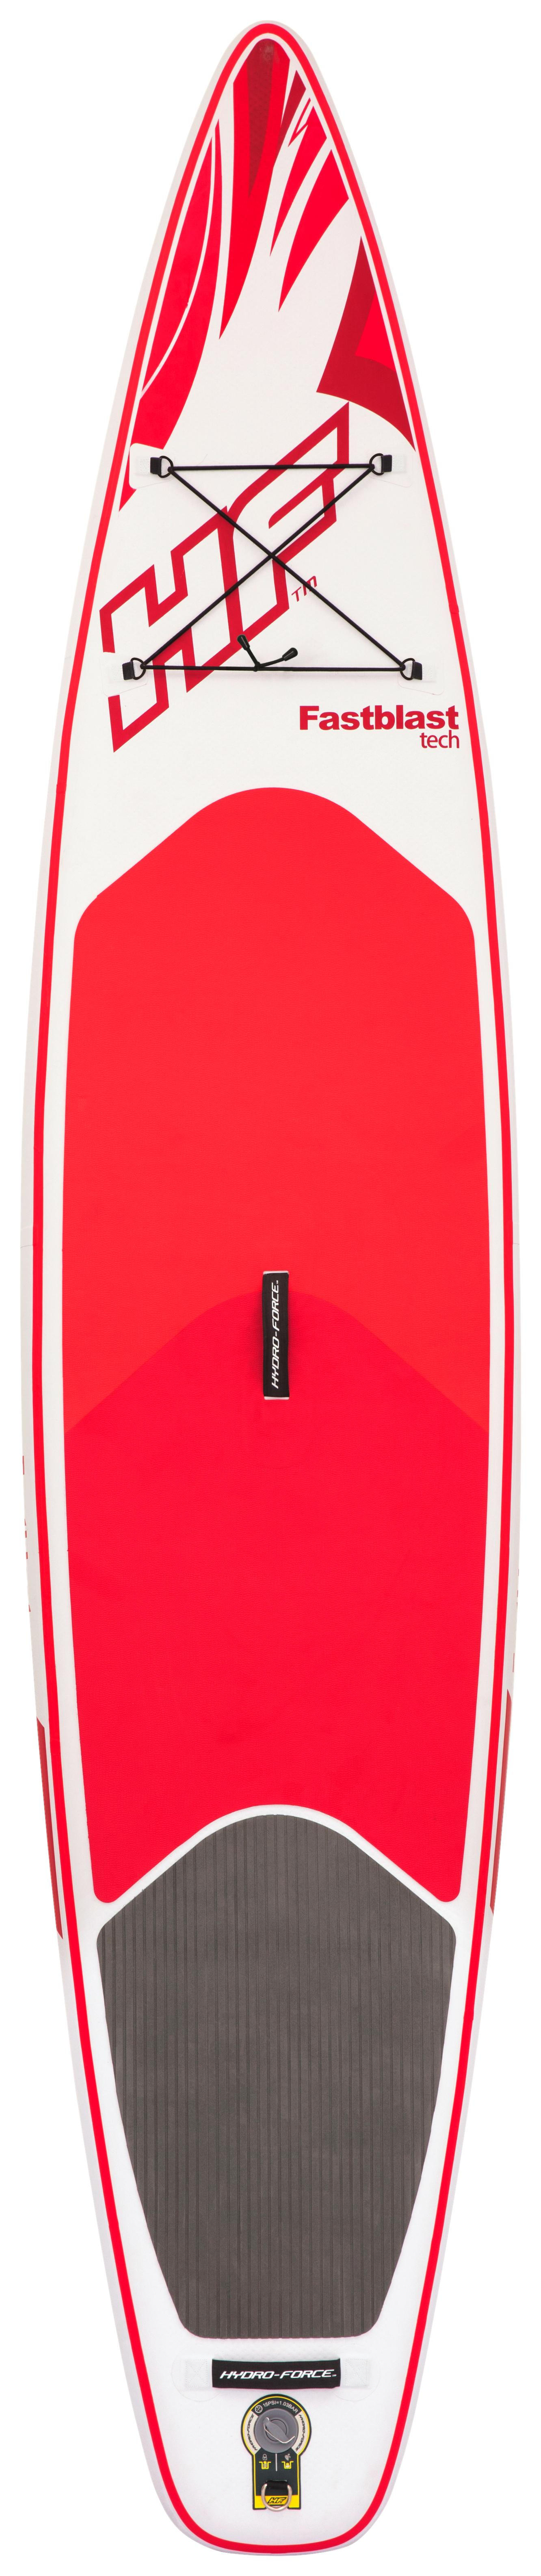 Stand Up Paddle Surfboard aufblasbar rot und weiß günstig kaufen Wellenreiten-Boards